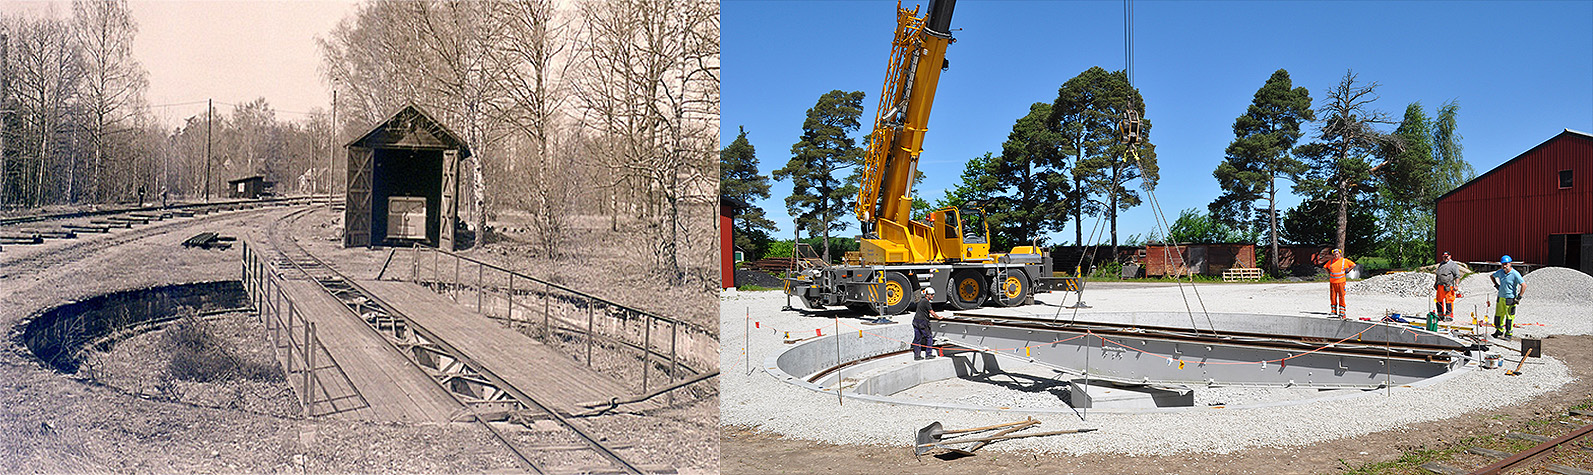 Till vänster: 1978. Vändskivan i Sandbäckshult. Smalspåret till vänster håller på att breddas till normalspår. Foto: Stefan Olsson Till höger: 16 juni 2010: Translast mobilkran lyfte vändskivan på plats.